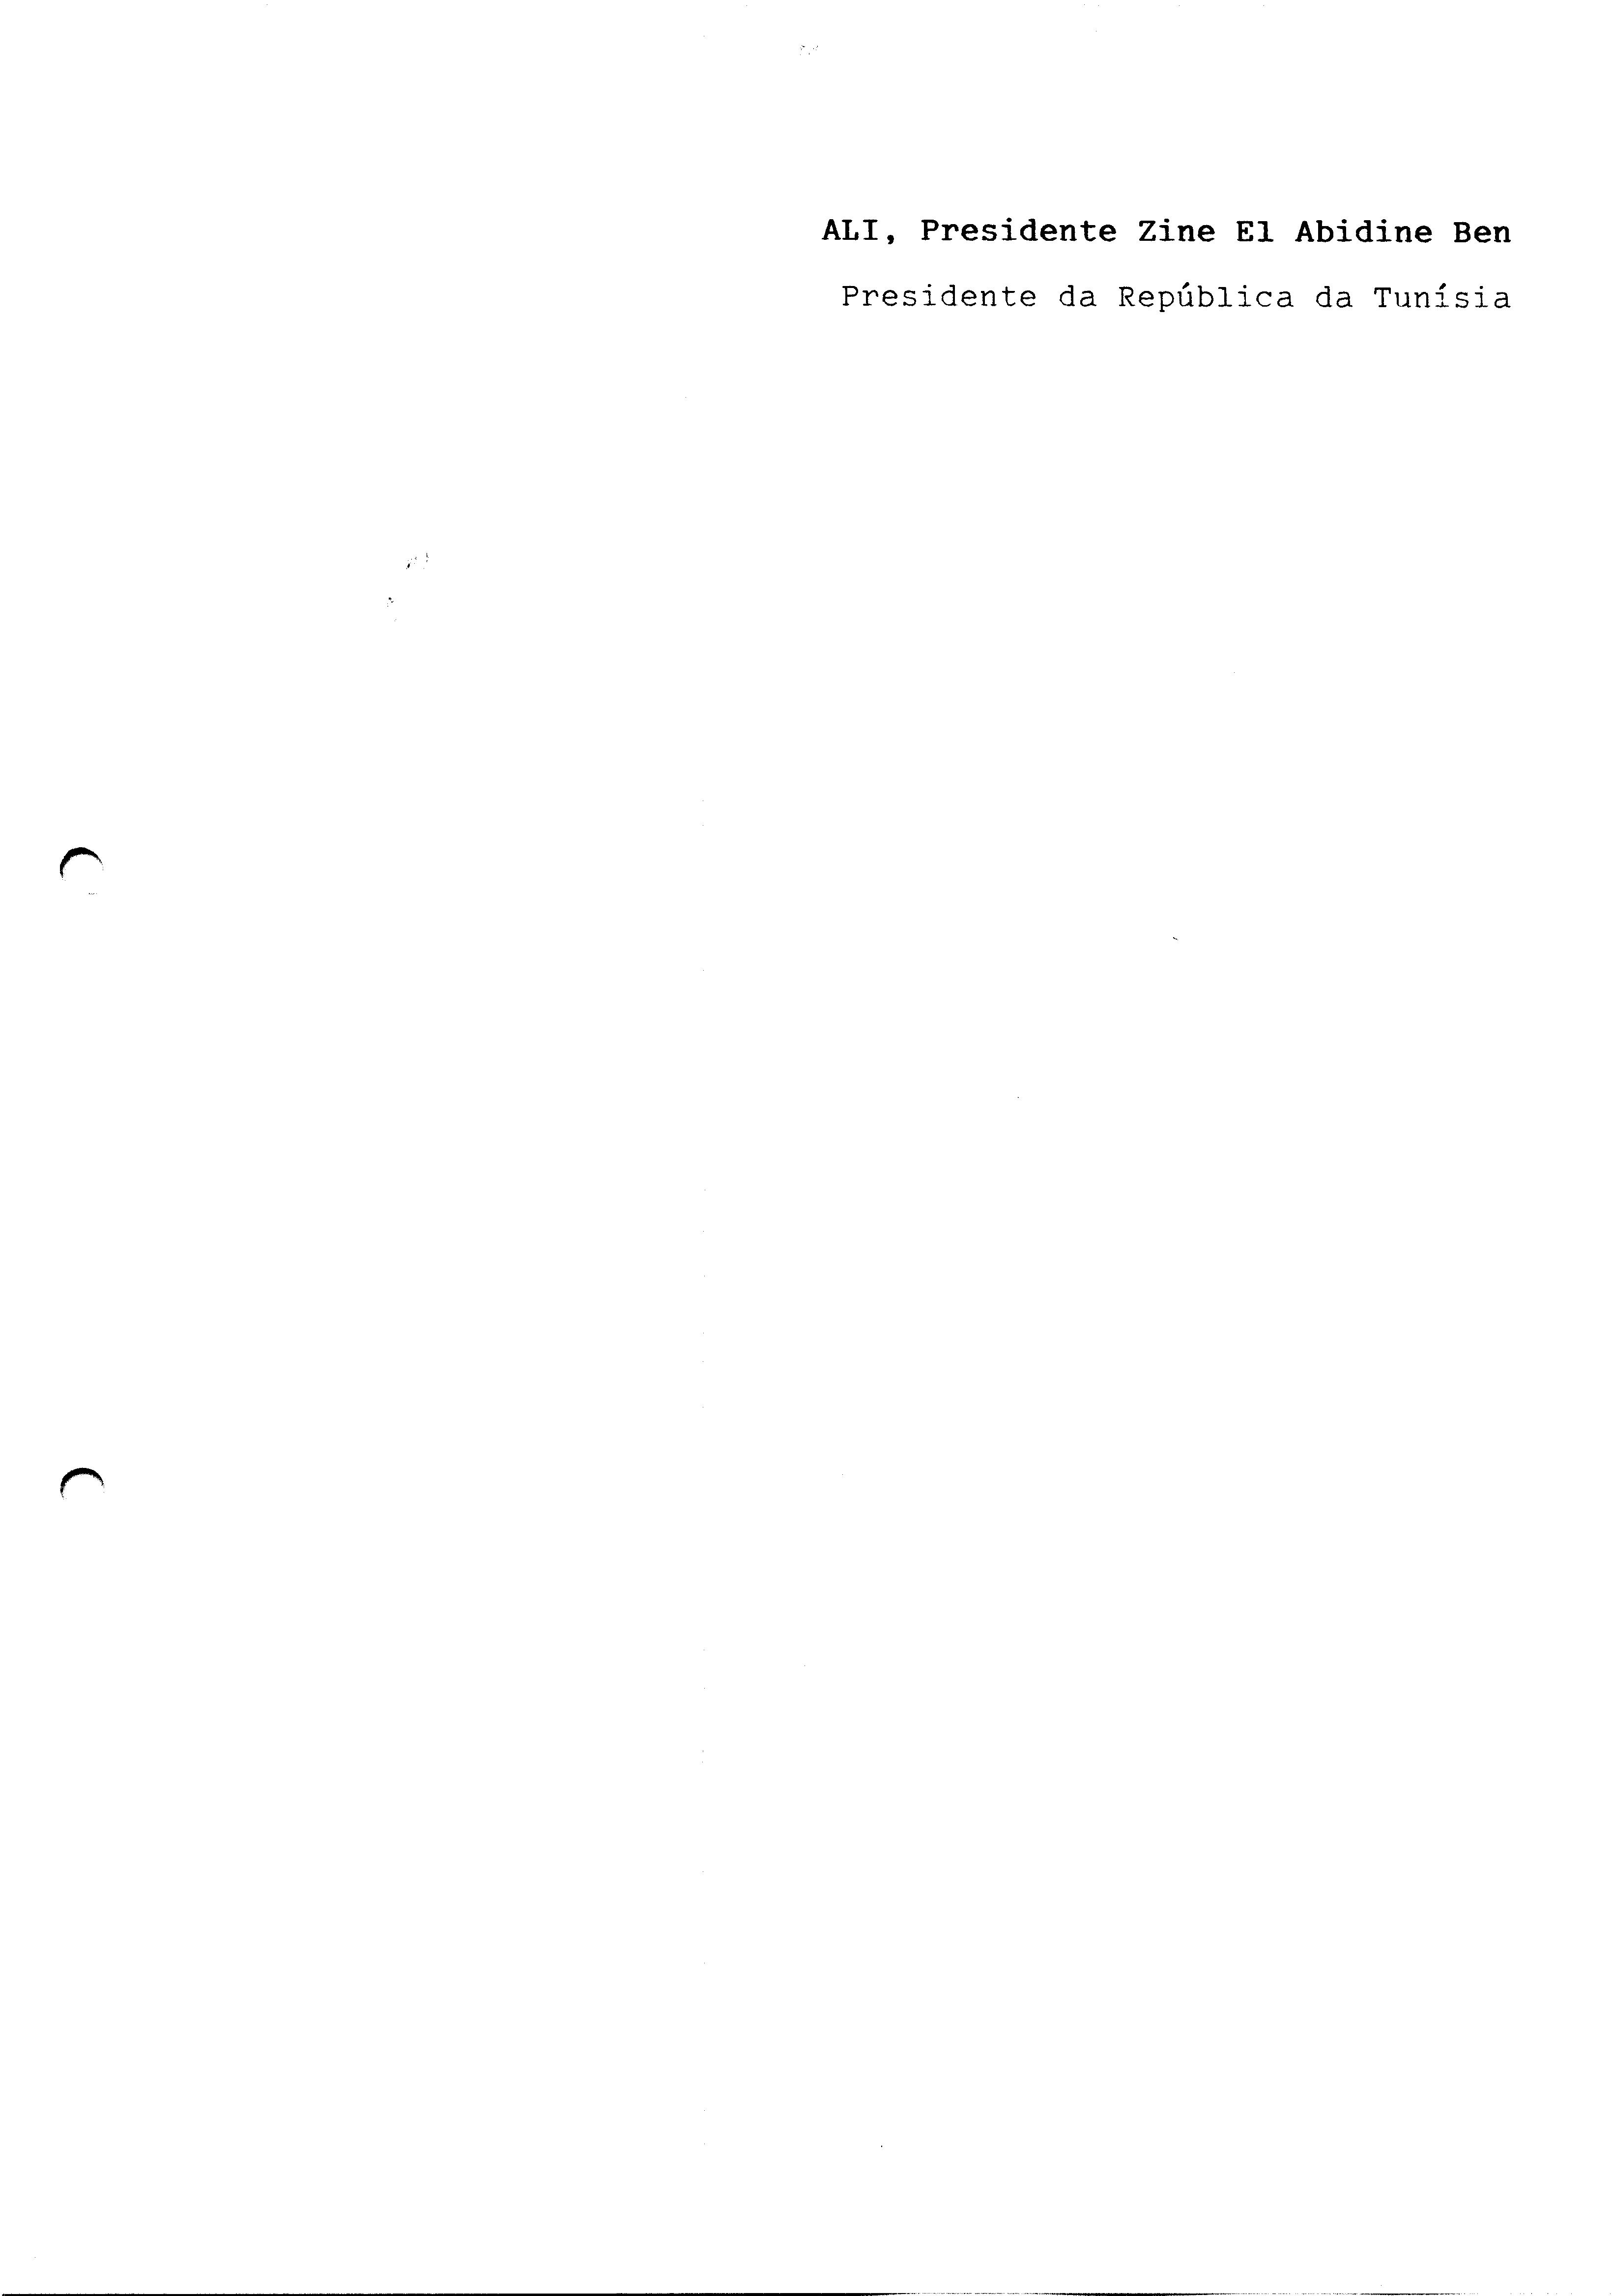 01941.003- pag.1